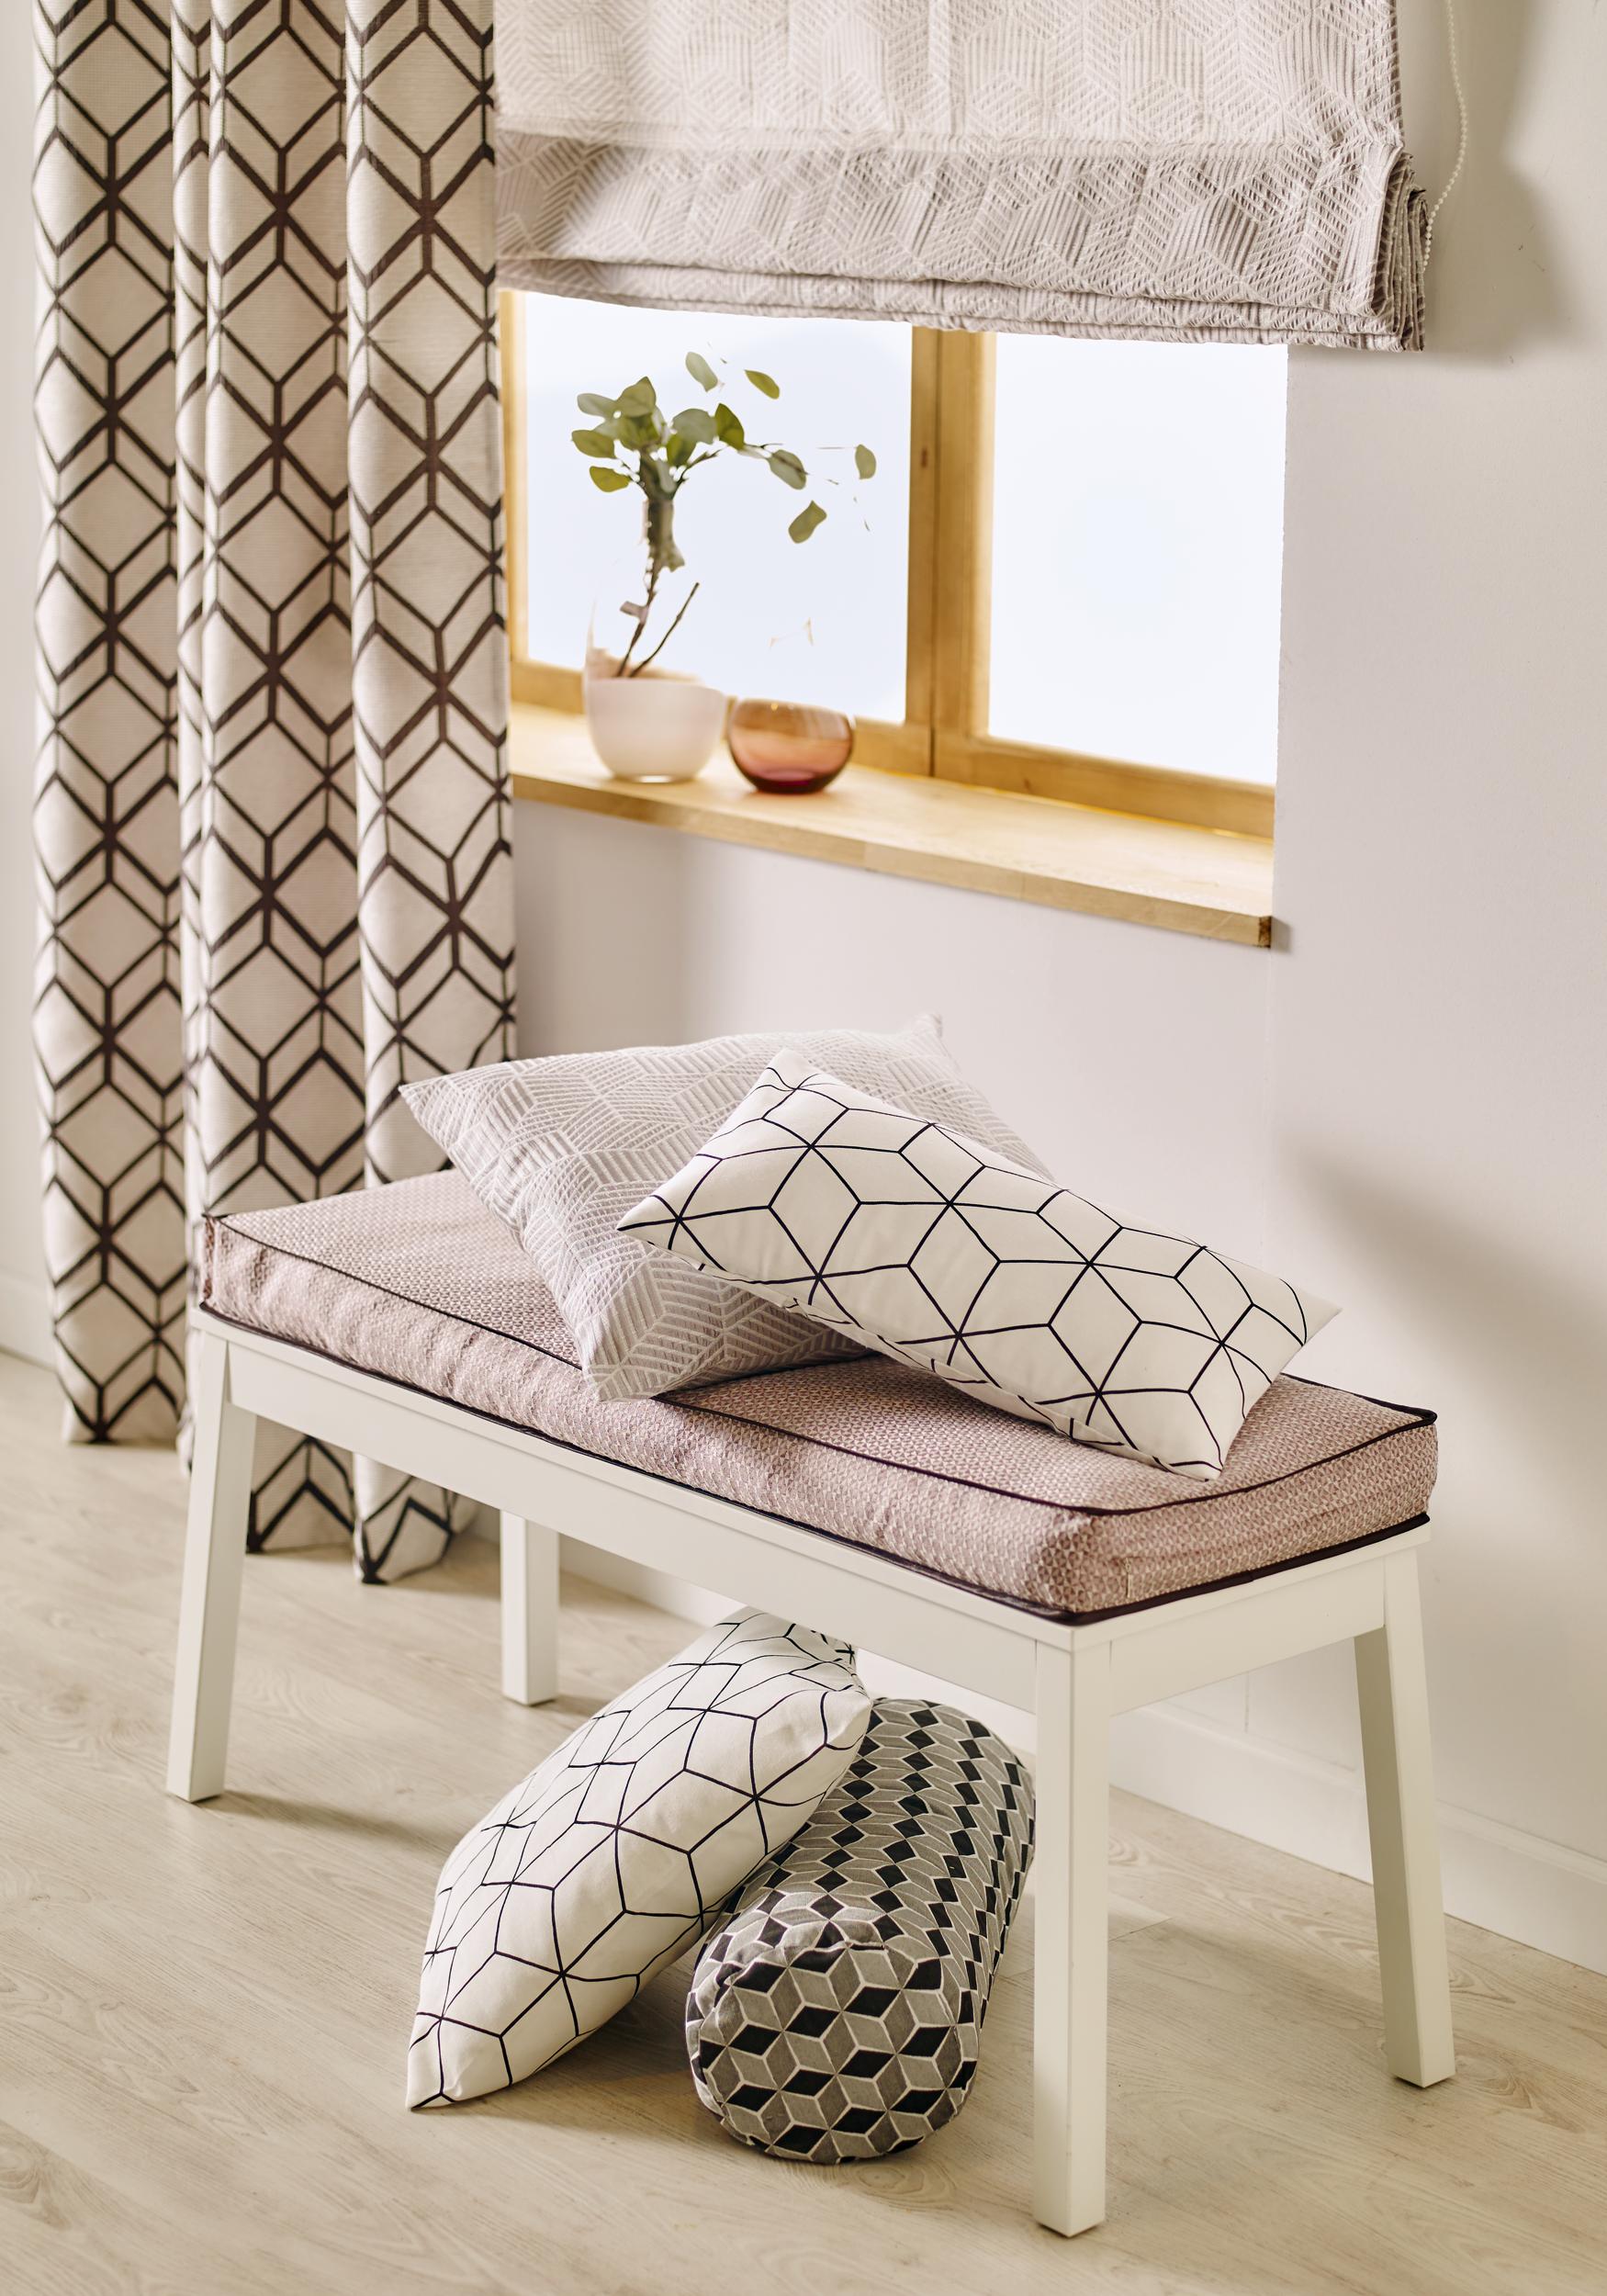 Leroymerlin Leroymerlinpolska Dlabohaterowdomu Domoweinspiracje Pokojdzienny Dekoracje Tkaniny Zaslony Poduszki Panele De Home Decor Decor Furniture